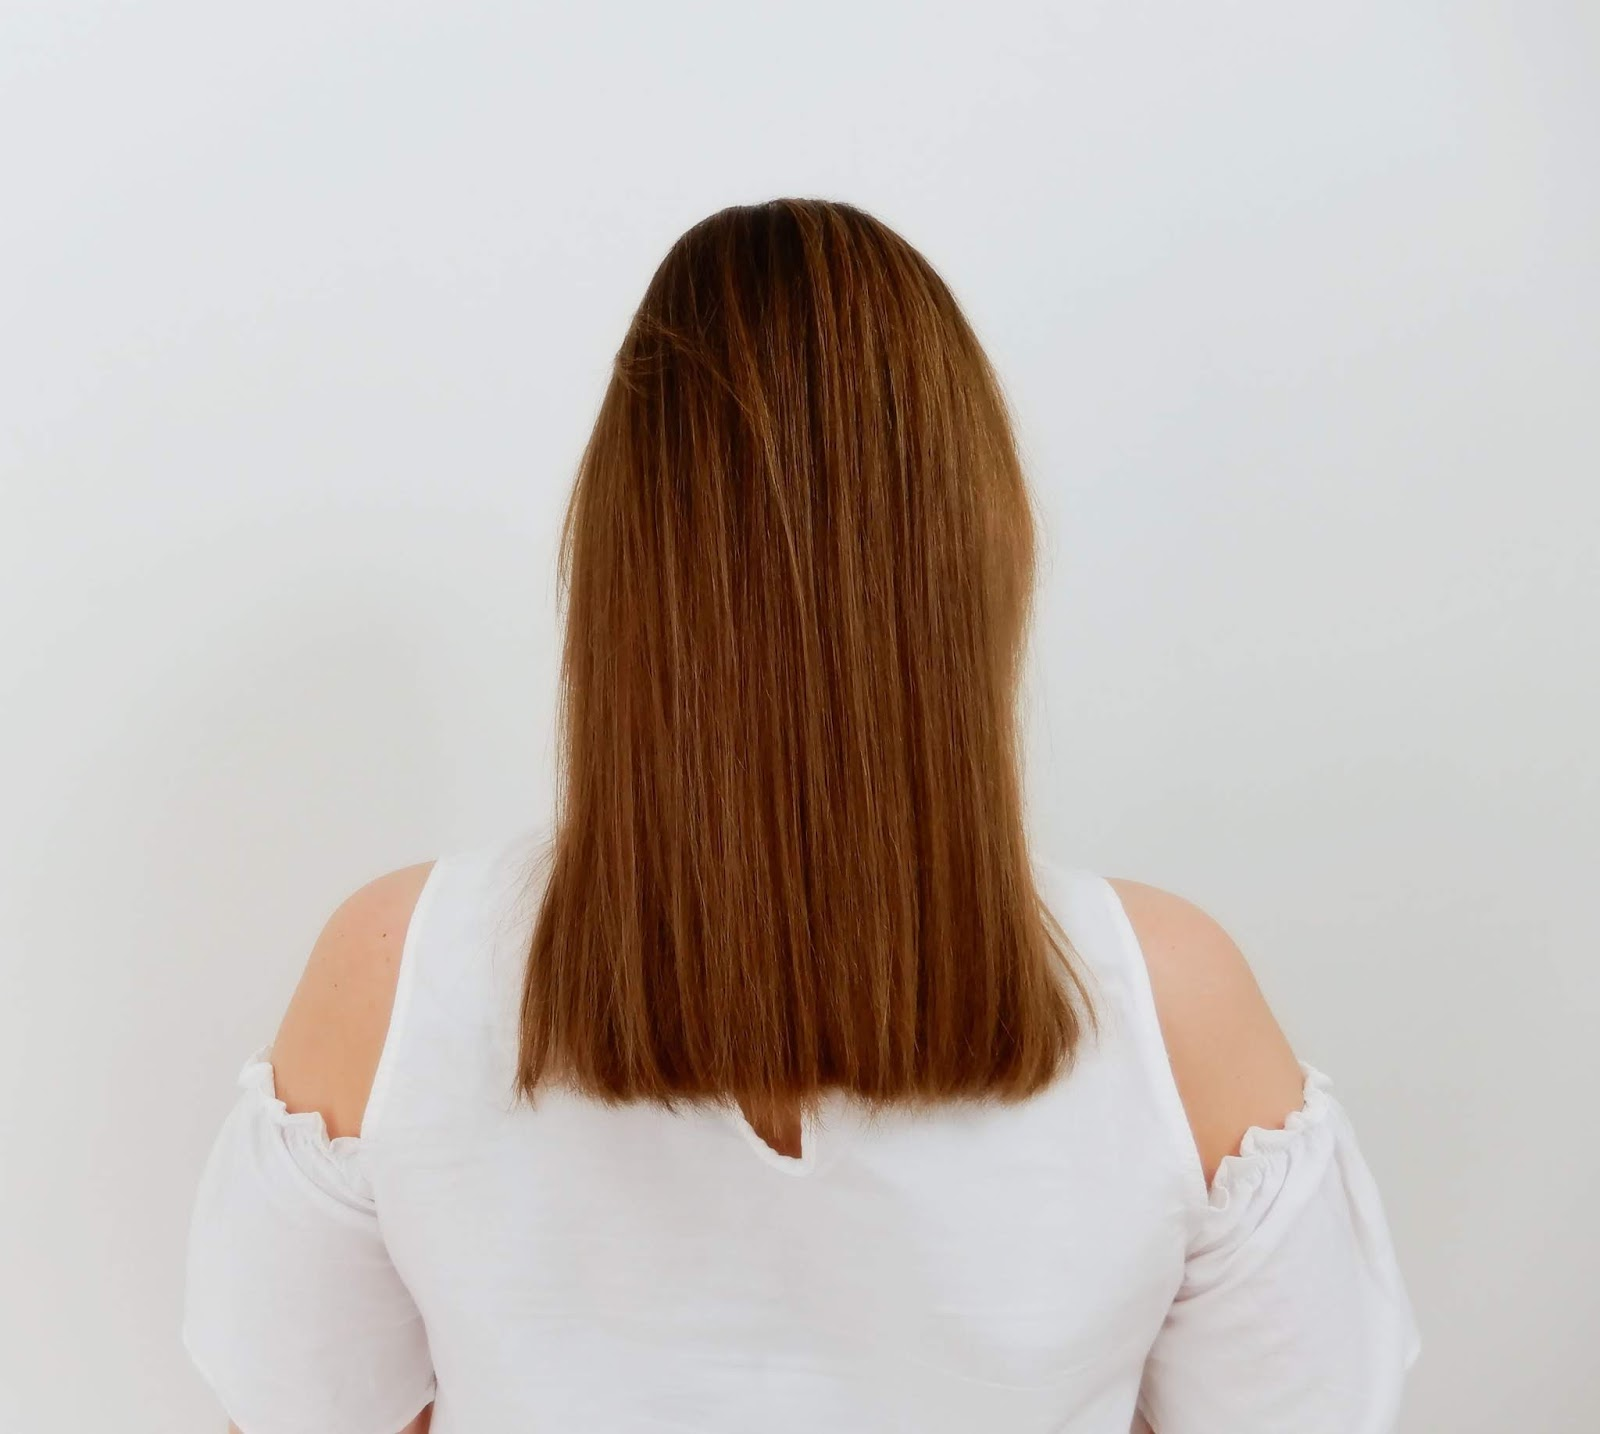 Moja pielęgnacja włosów | Dlaczego nie zostałam włosomaniaczką